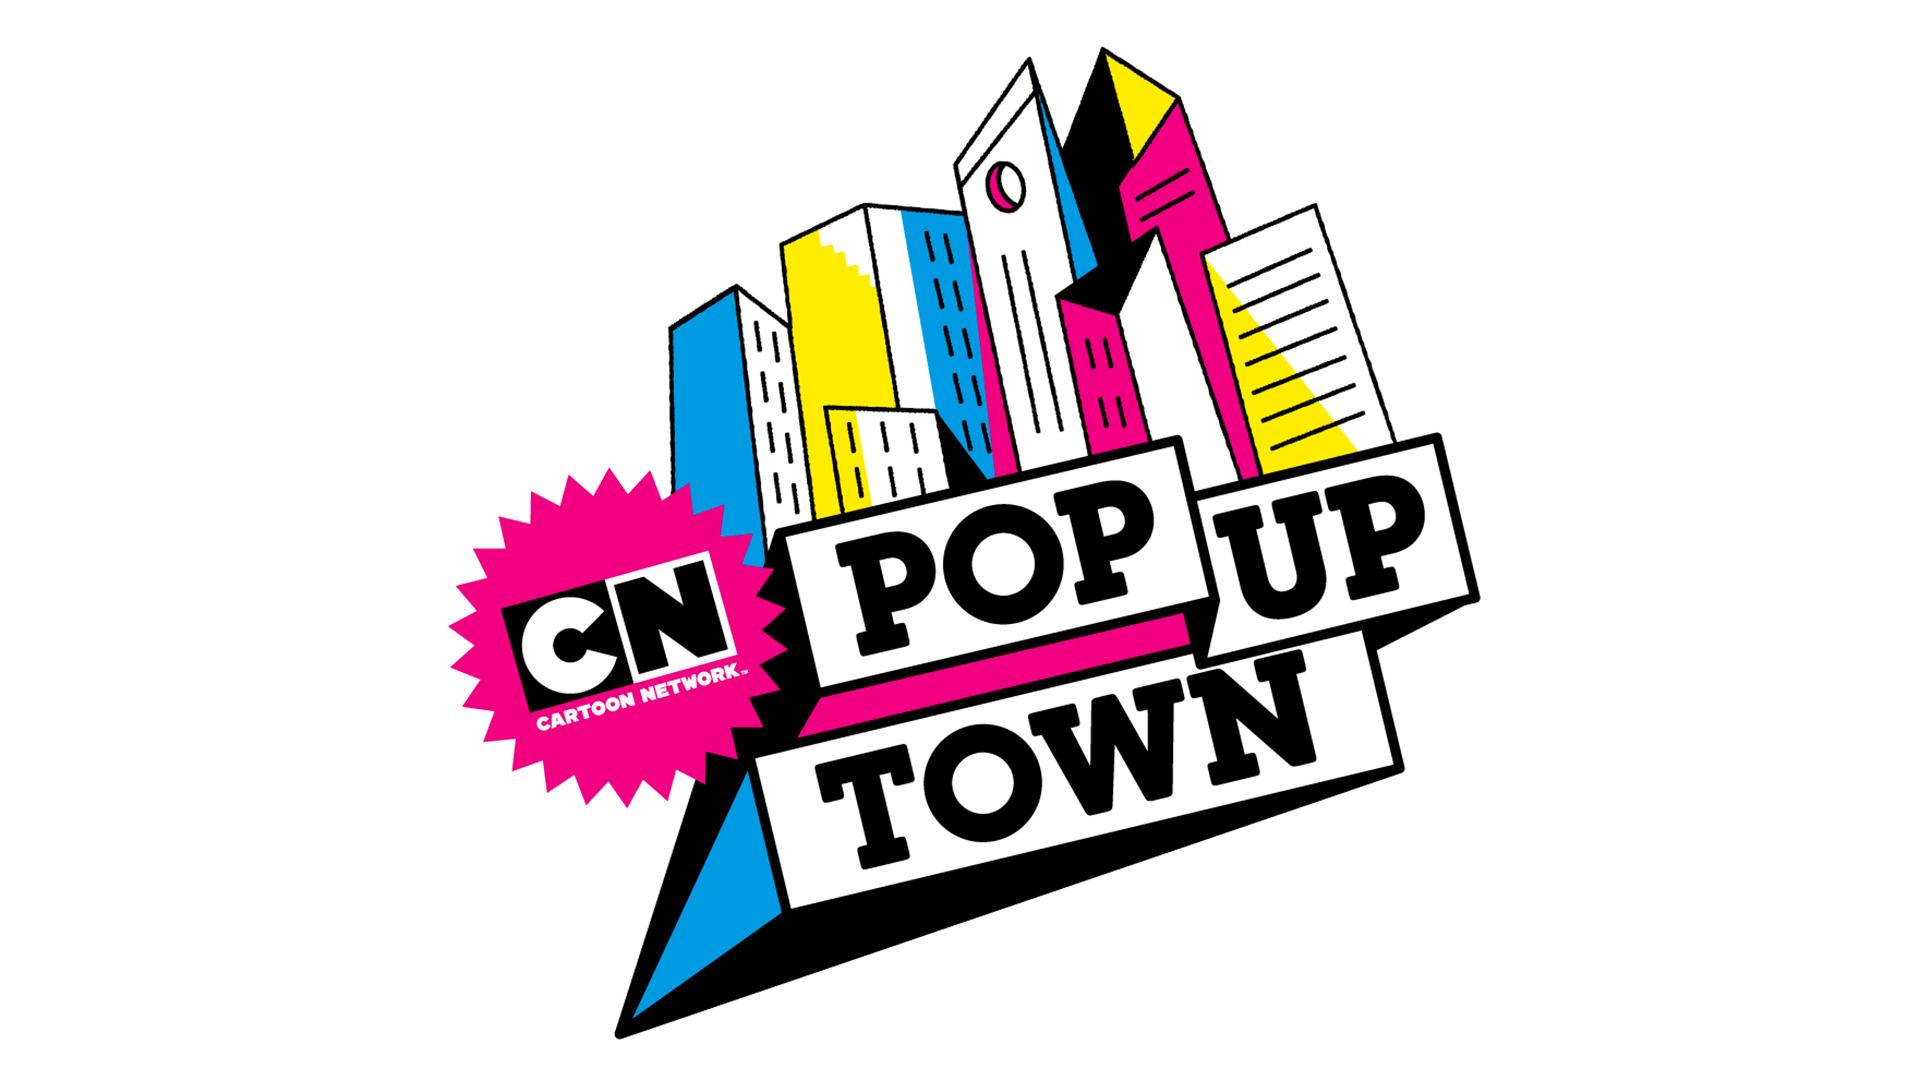 Cartoon Network Pop Up Town 2018